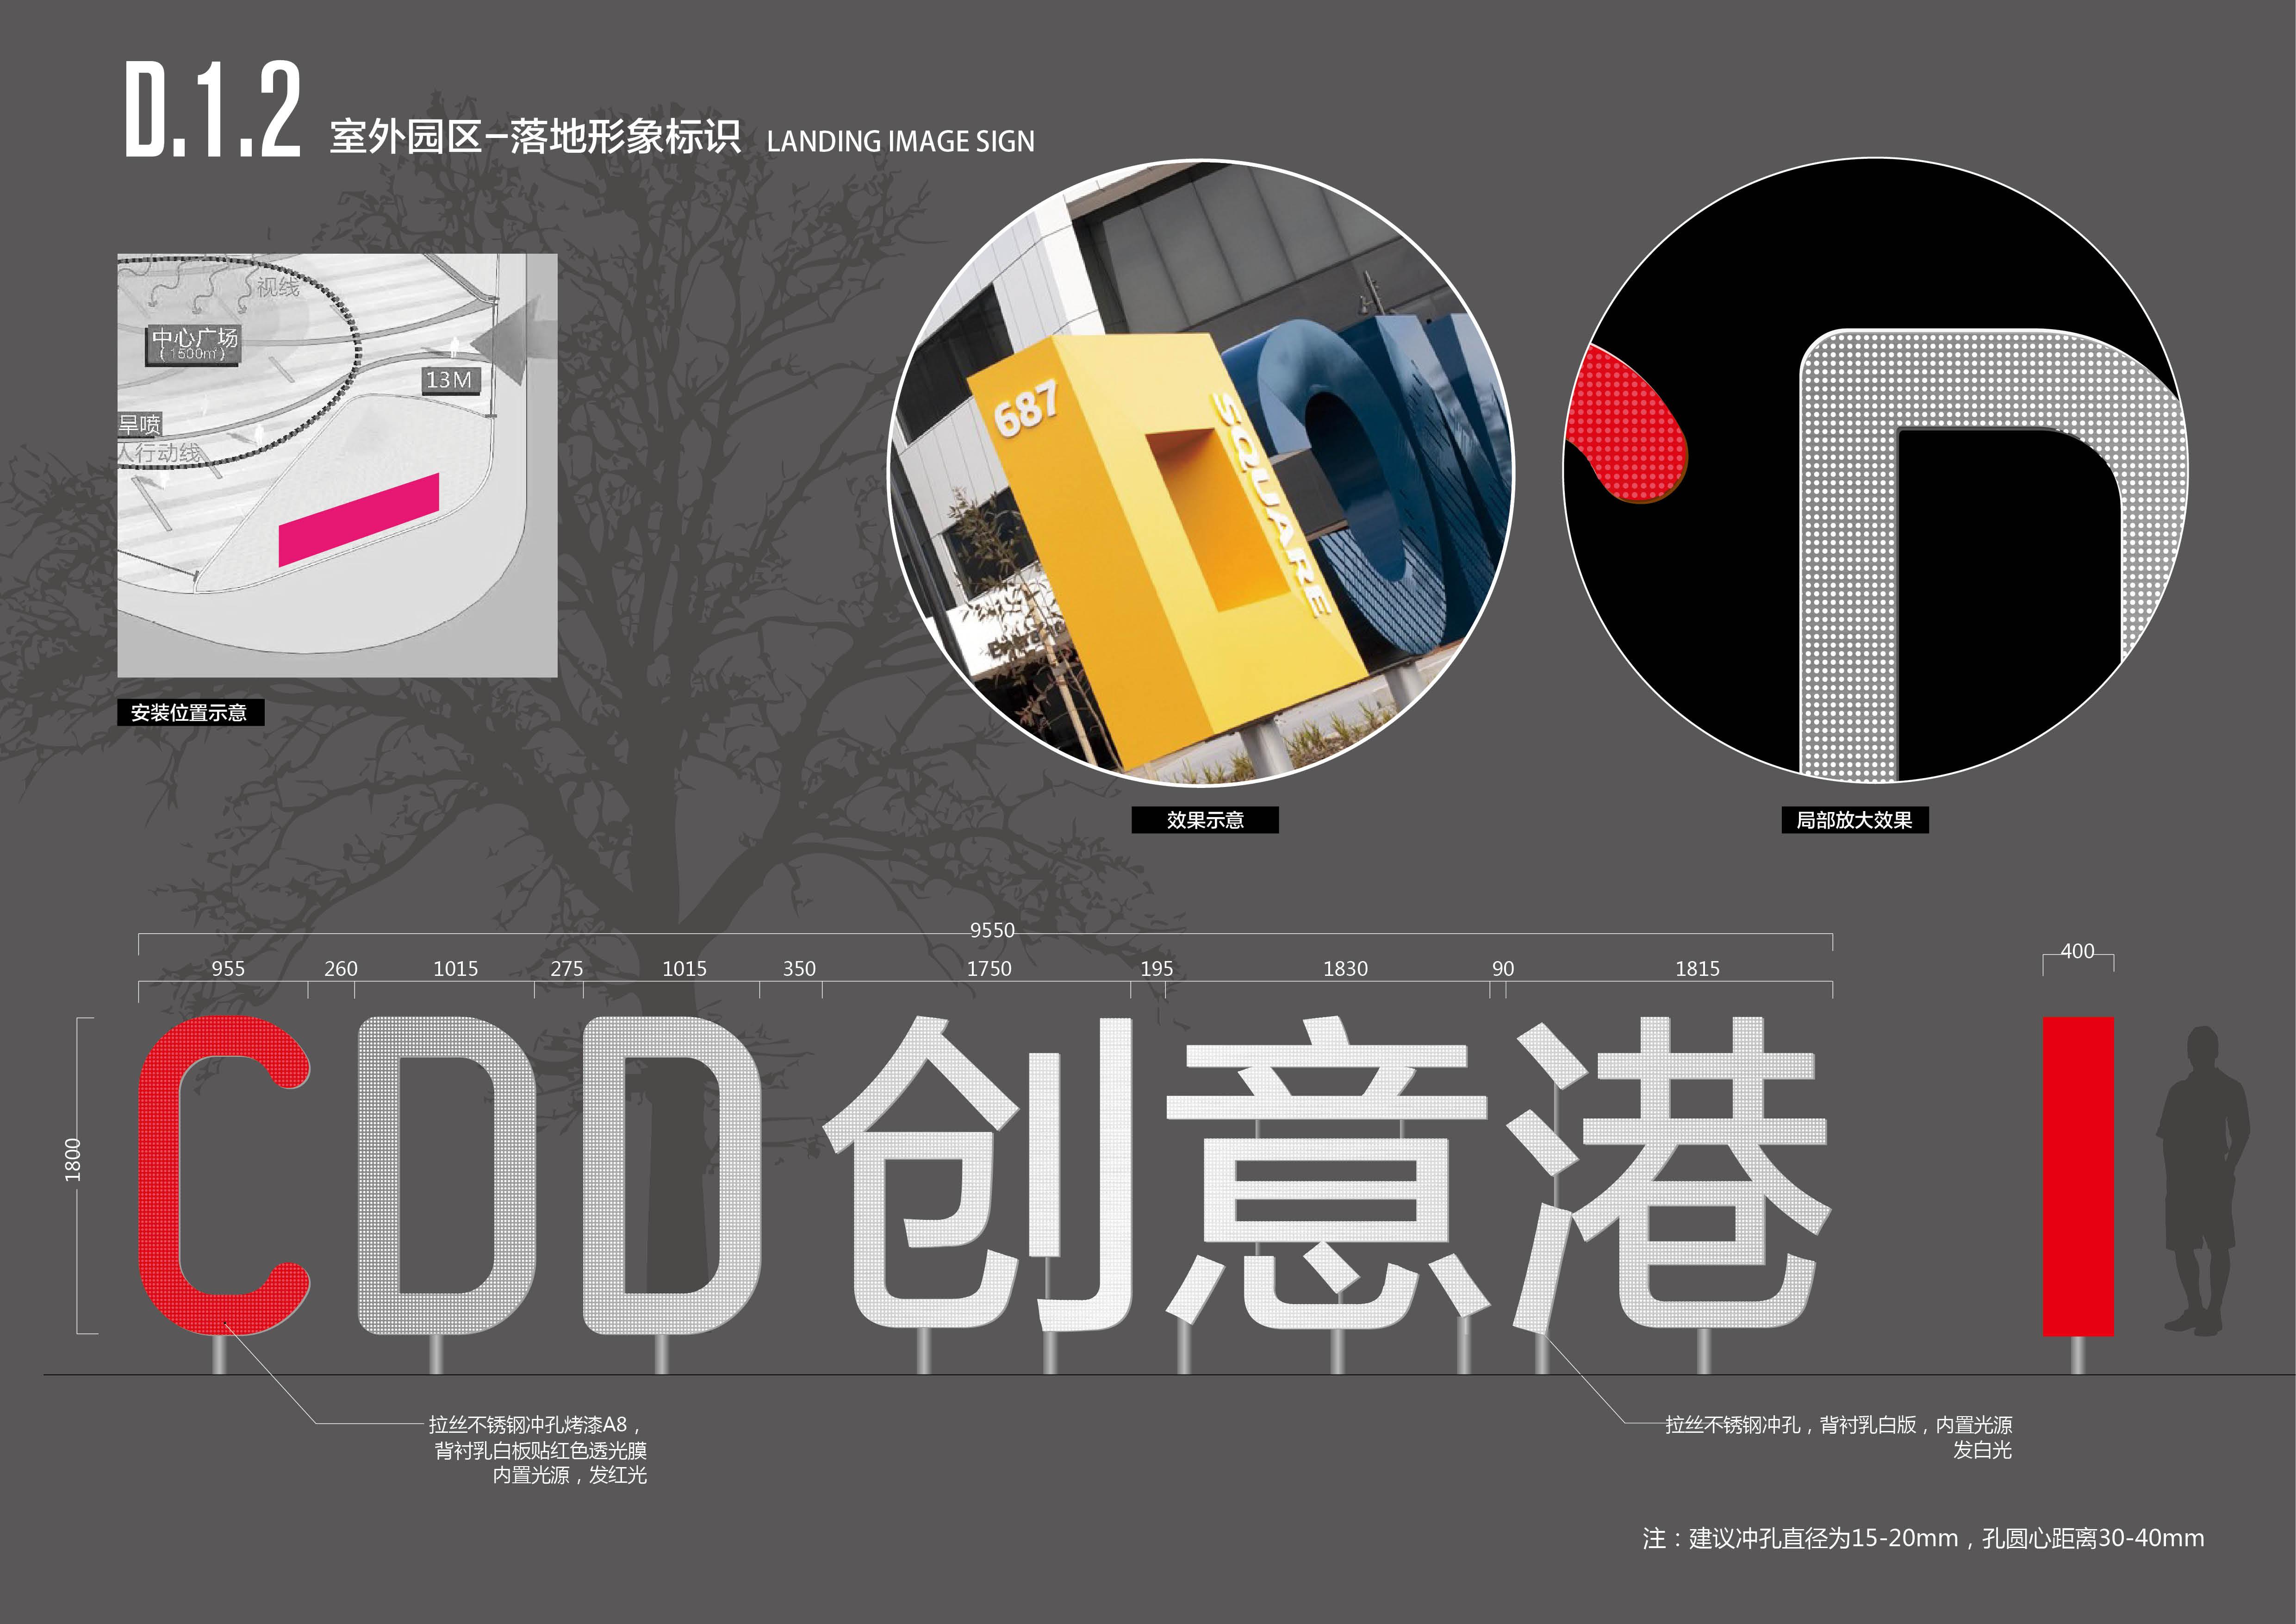 页面提取自-CDD创意港嘉悦广场标识系统招标图册2014.02.28_页面_1